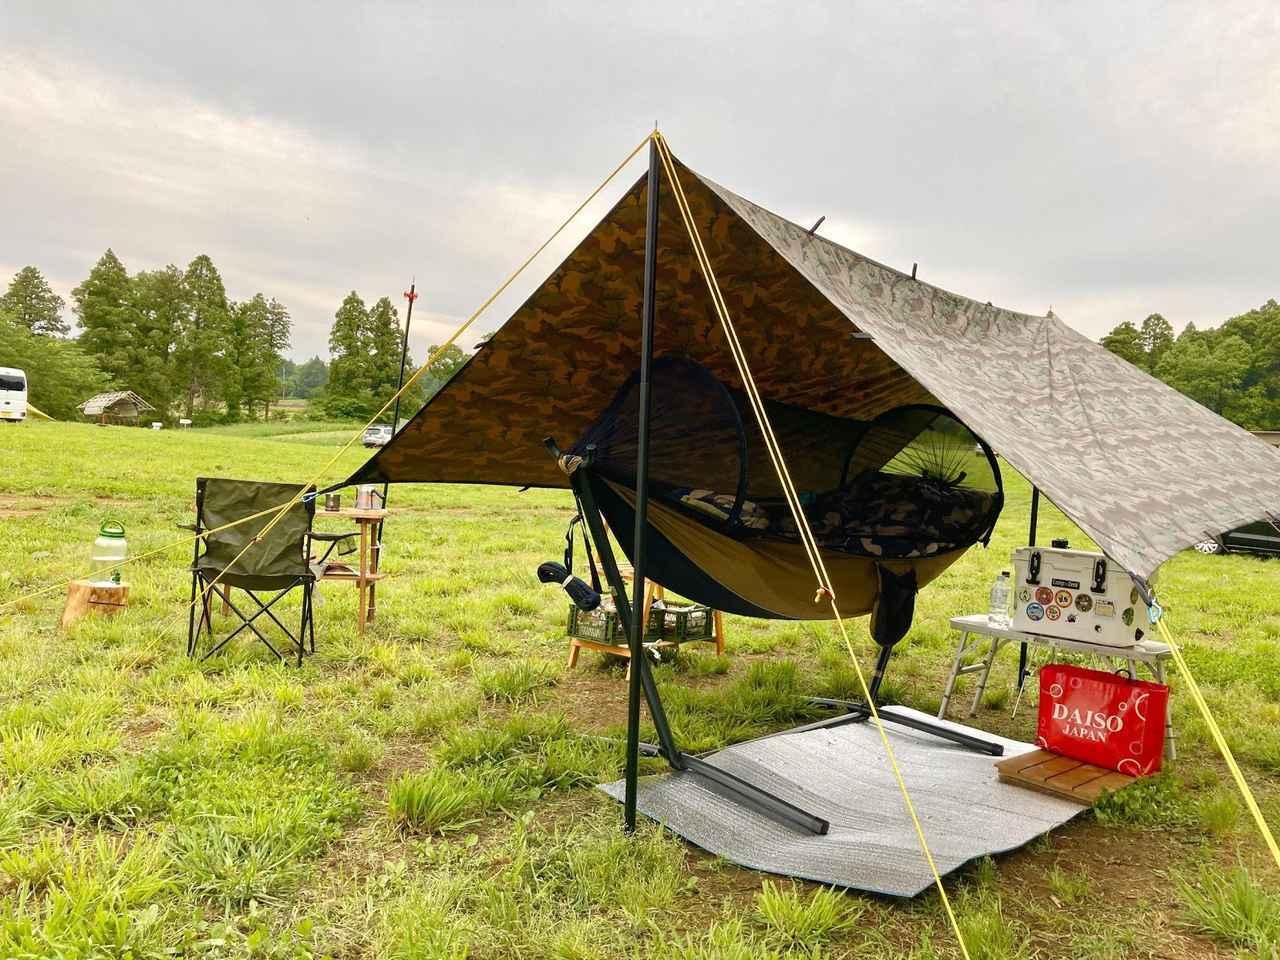 画像: 夏ソロキャンプの暑さ対策は「ハンモック泊」で解決!暑くて眠れないキャンプは卒業 - ハピキャン|キャンプ・アウトドア情報メディア